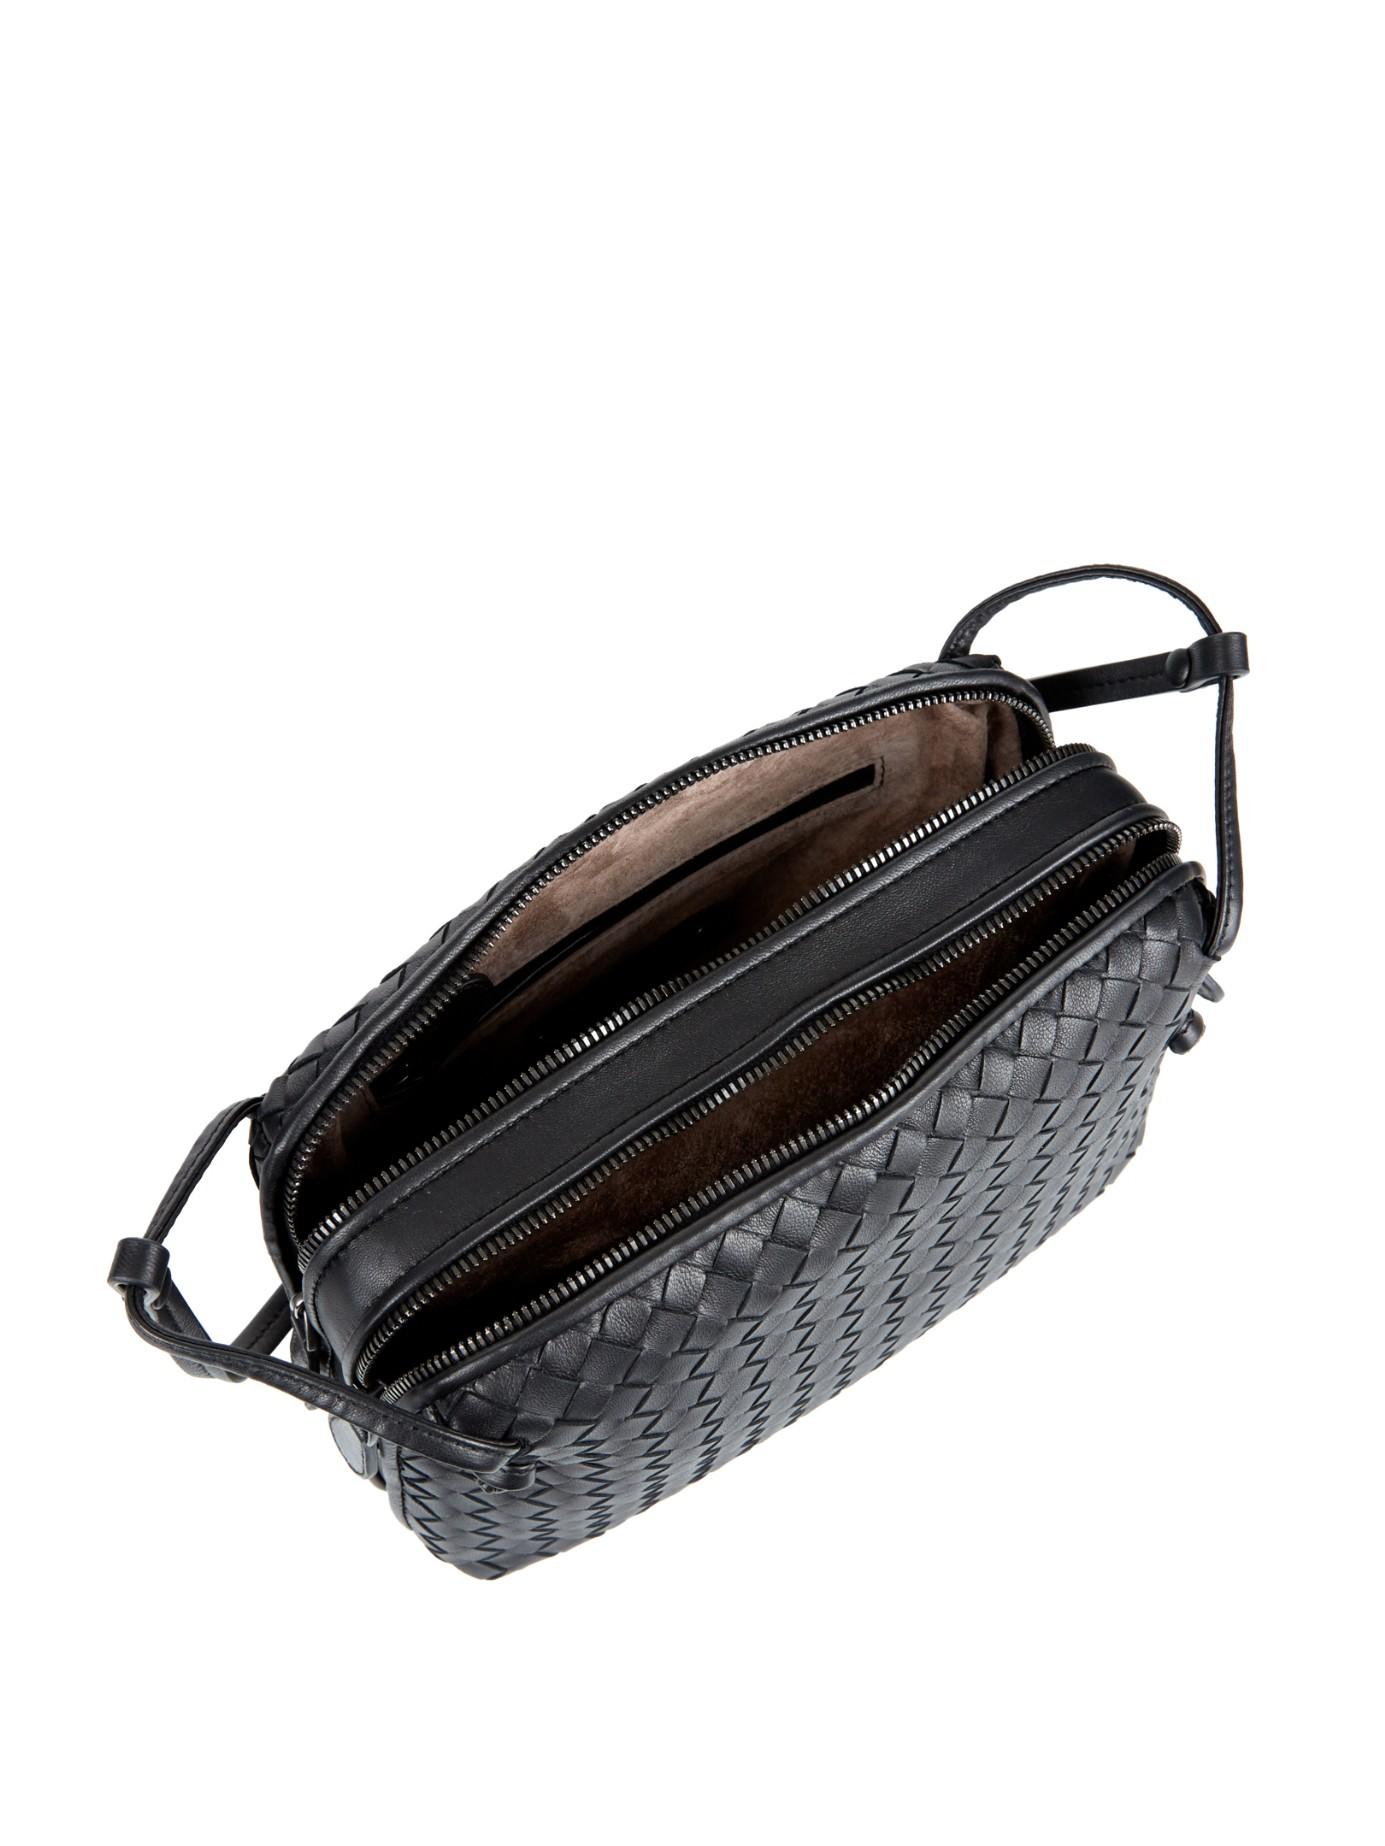 Lyst Bottega Veneta Intrecciato Leather Two Compartment